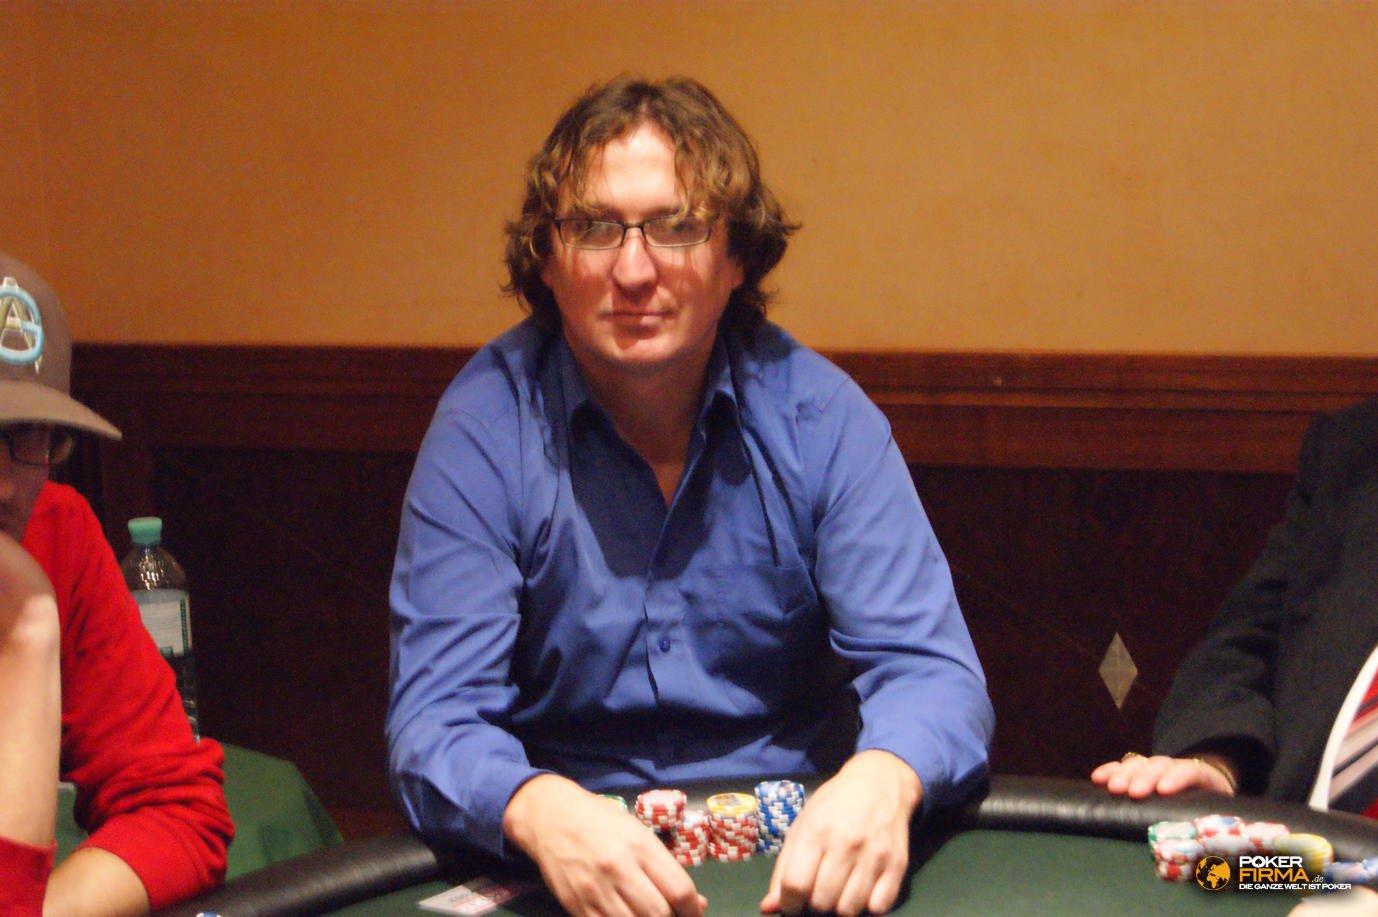 Poker_EM_2000_NLH_251011_Bernhard_Perner